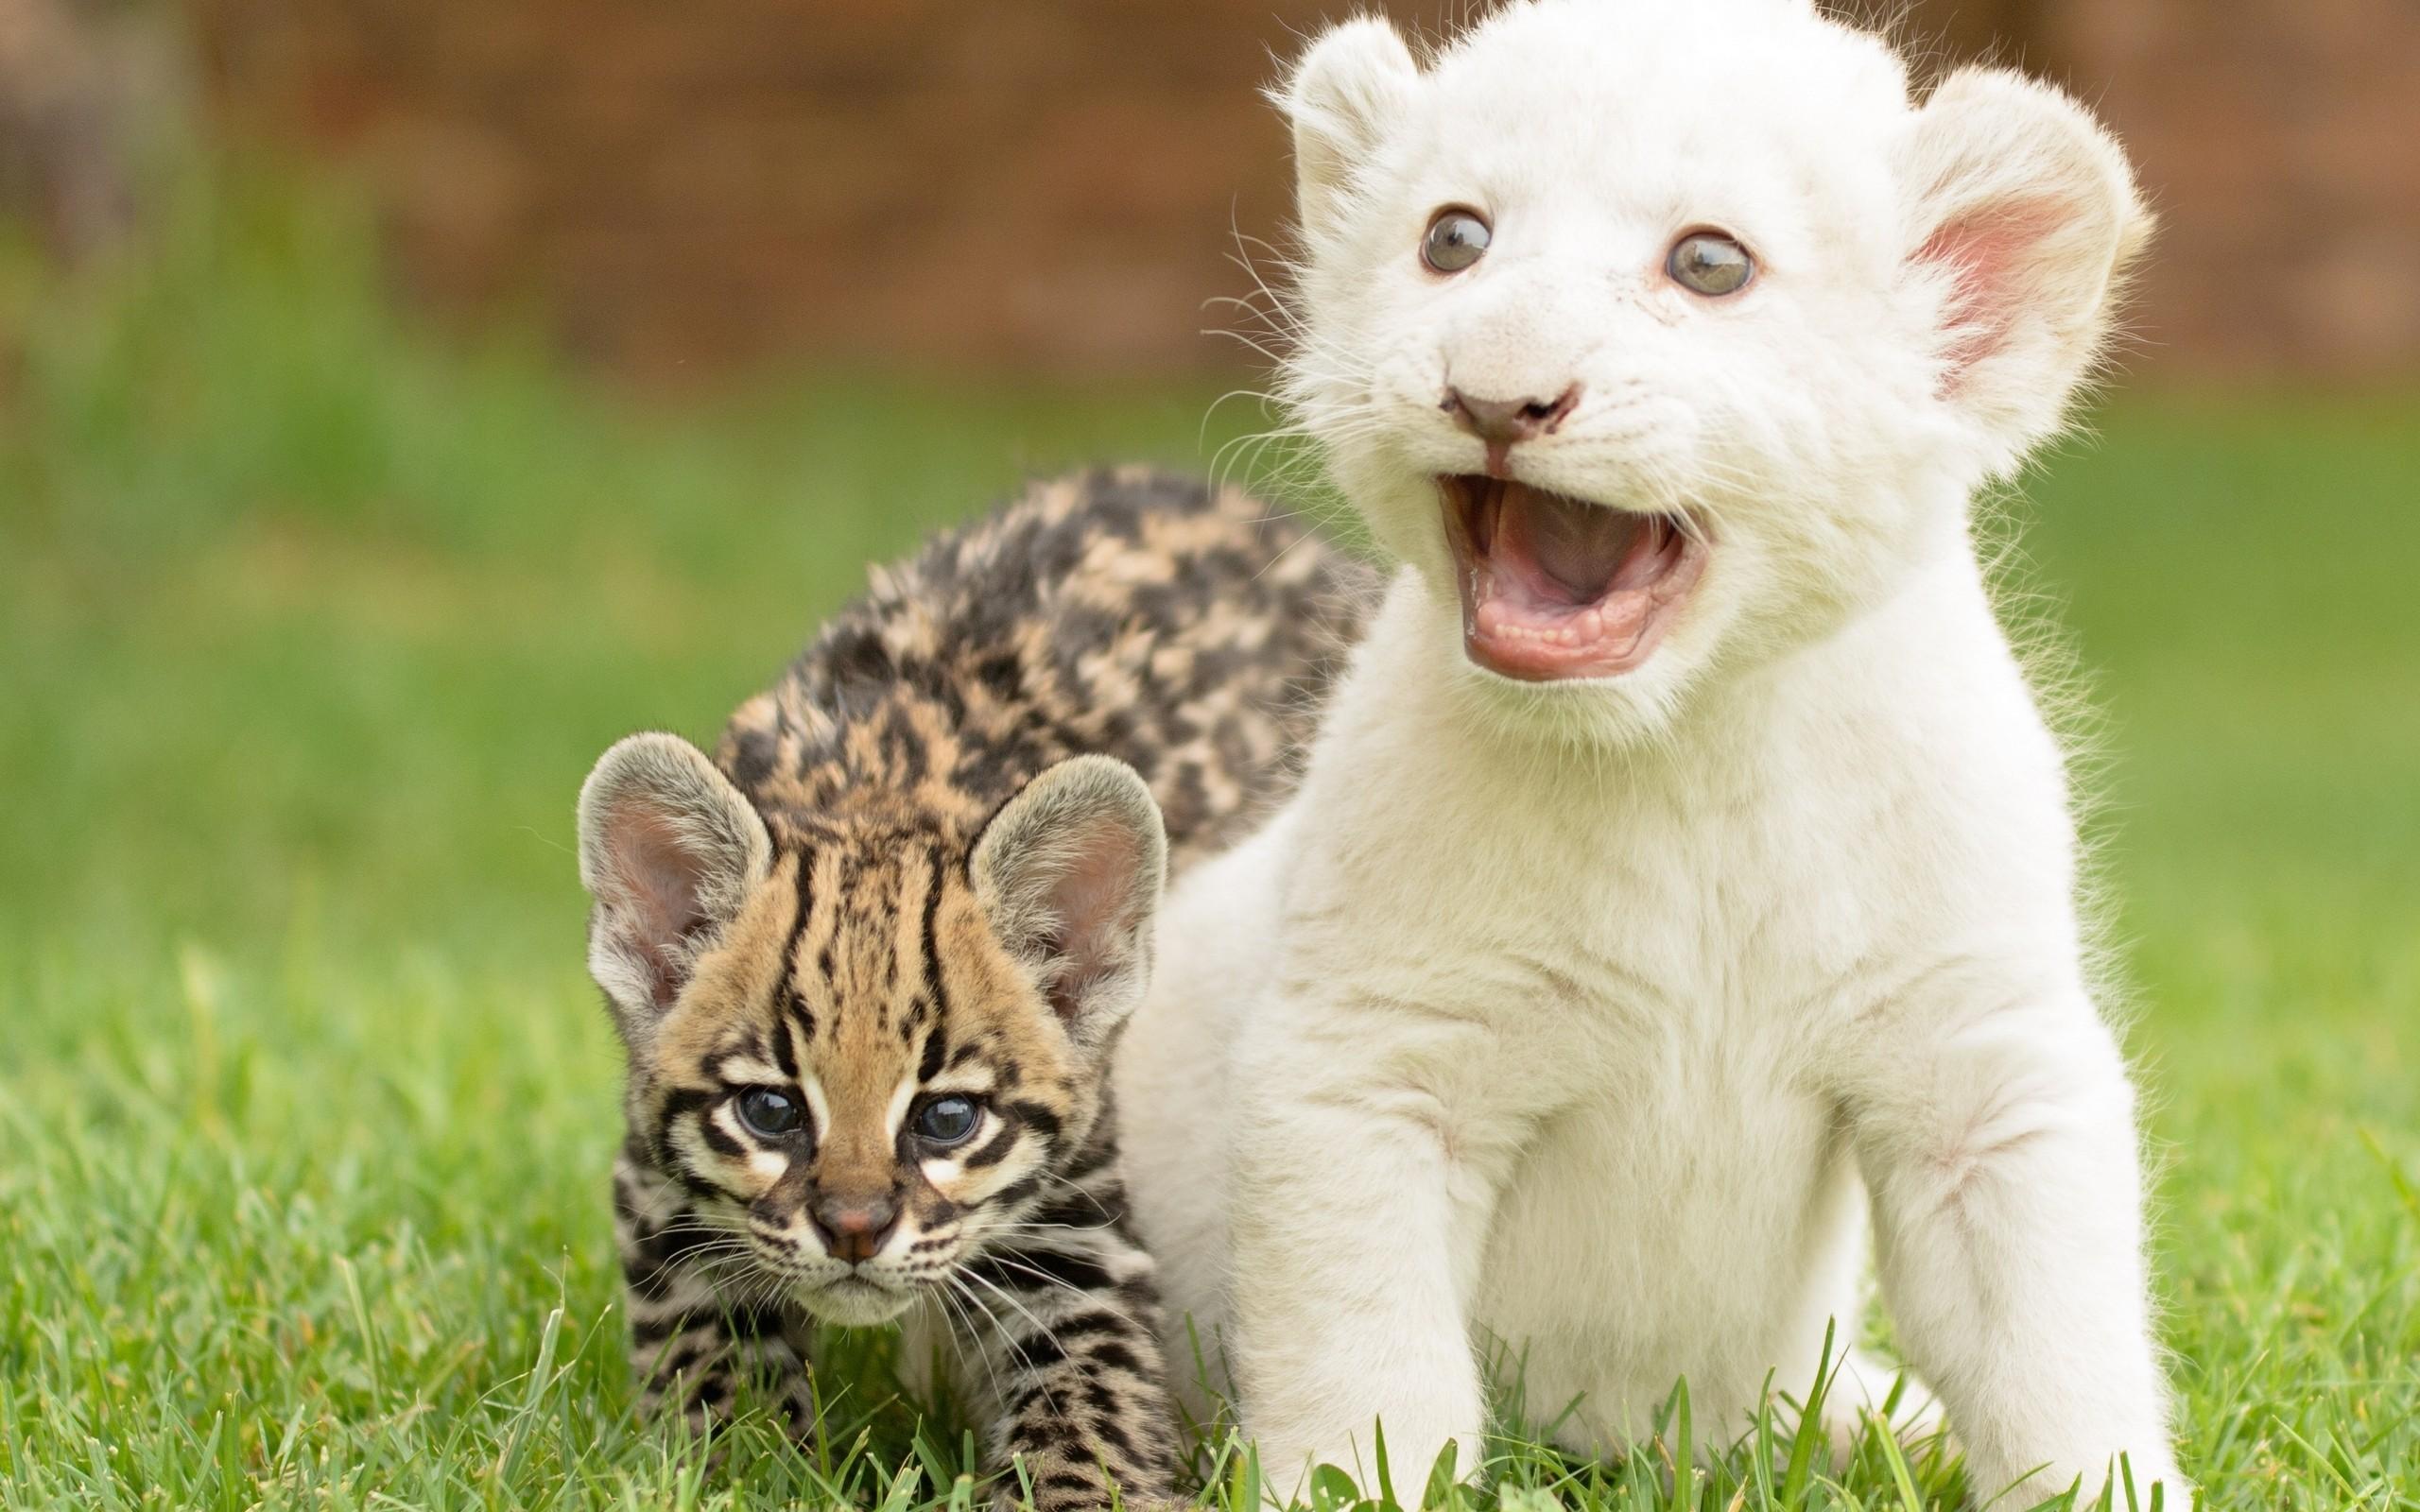 Serval Cat Kitten Cub Tiger wallpaper background